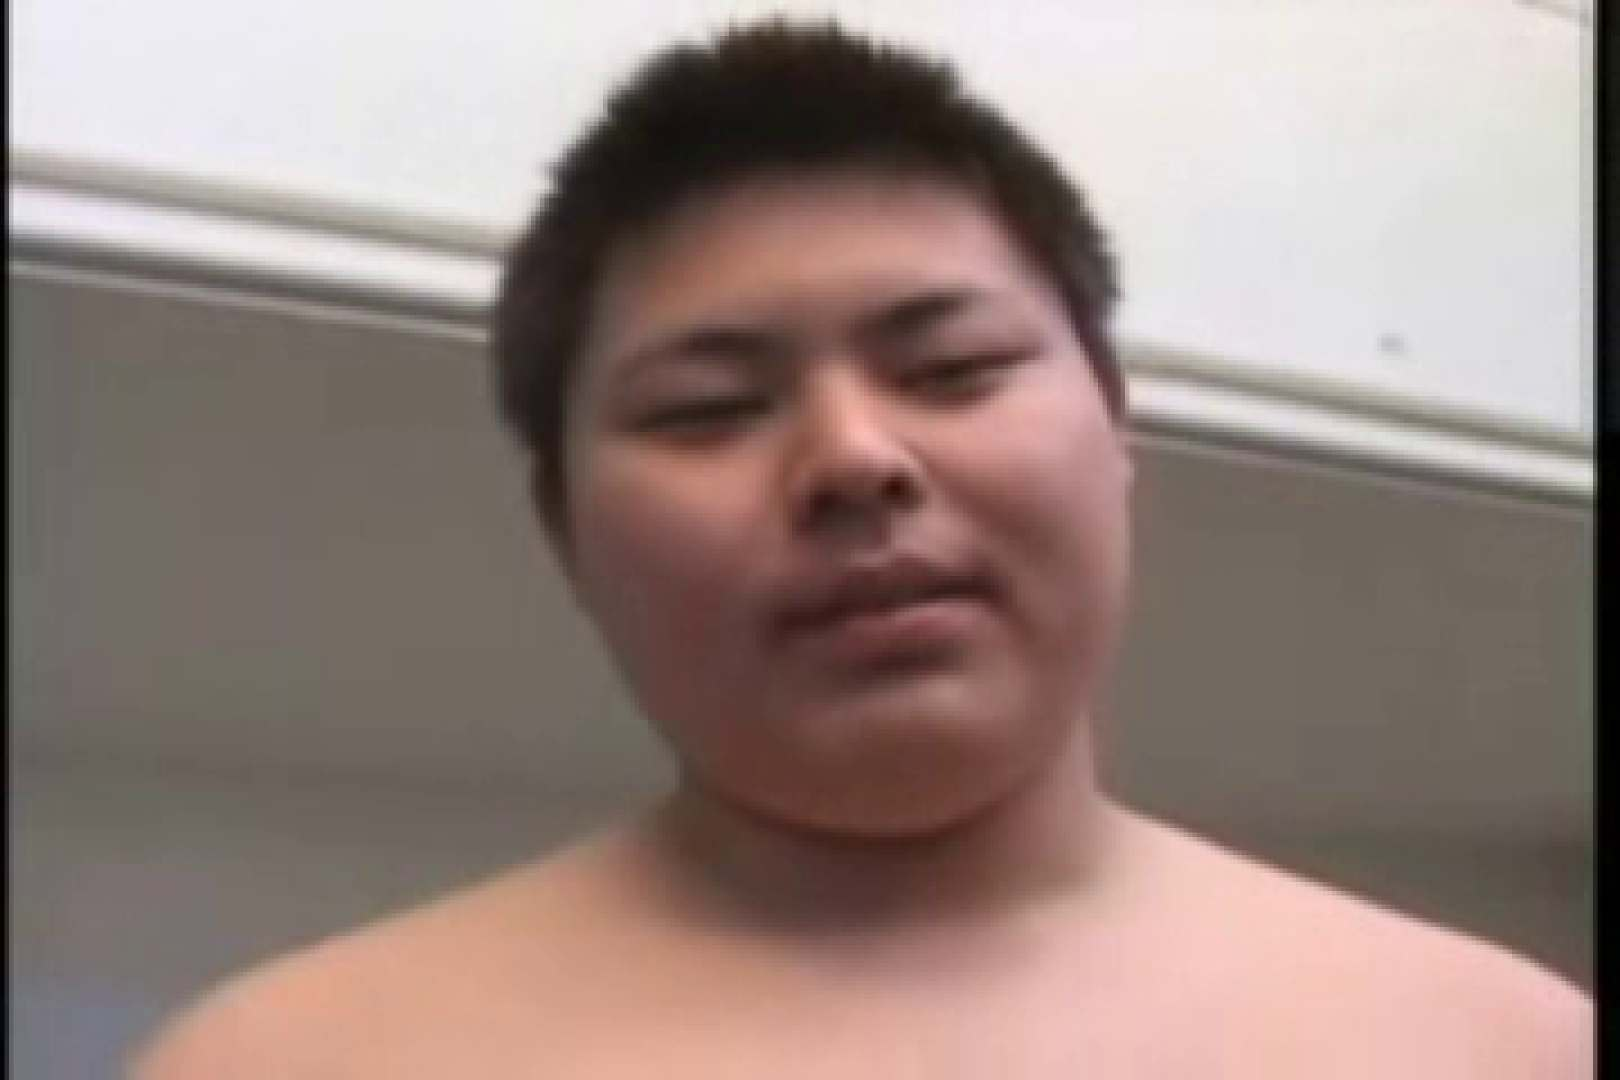 ファイル流出! ! 太郎君のドロドロ射精 アナル ゲイザーメン画像 103枚 24